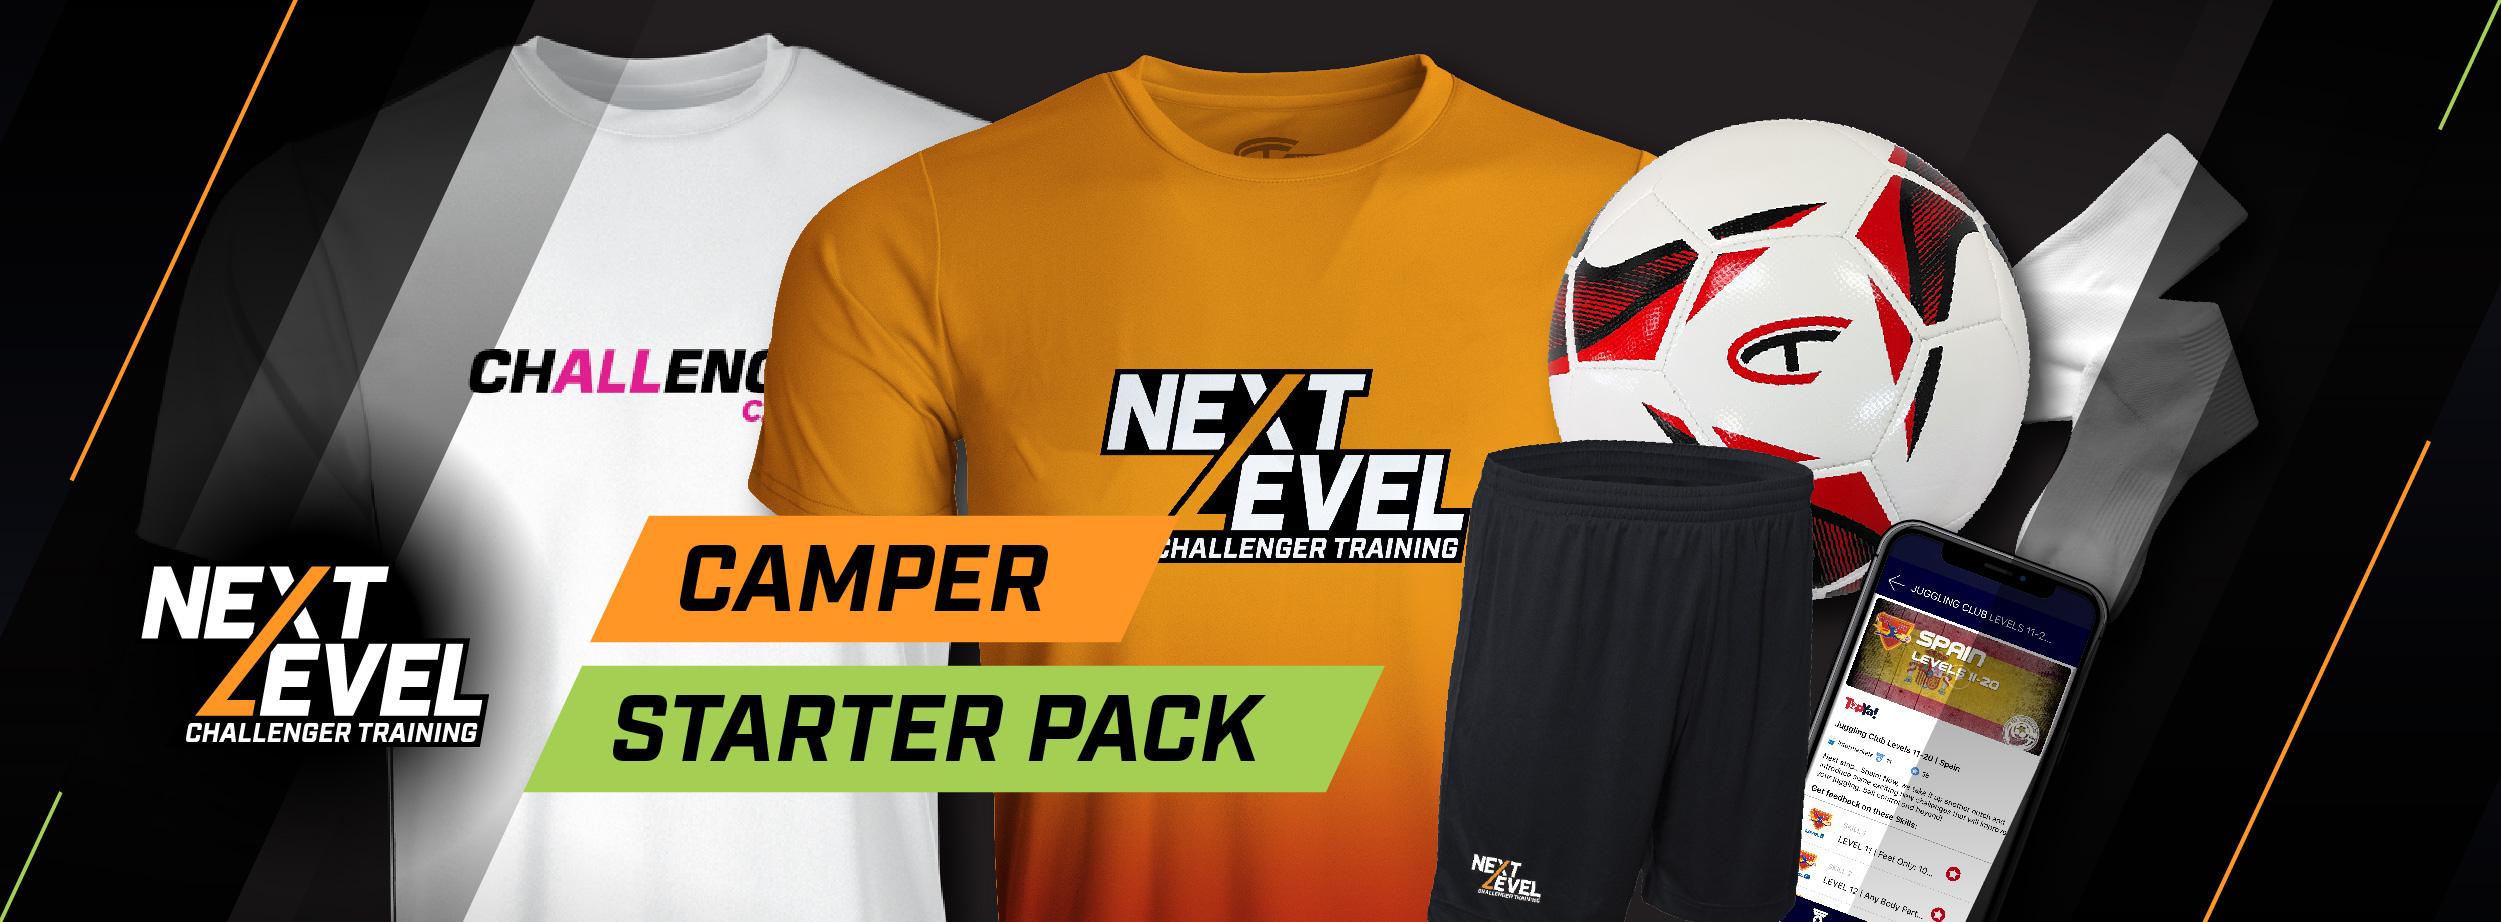 Camper Starter Pack